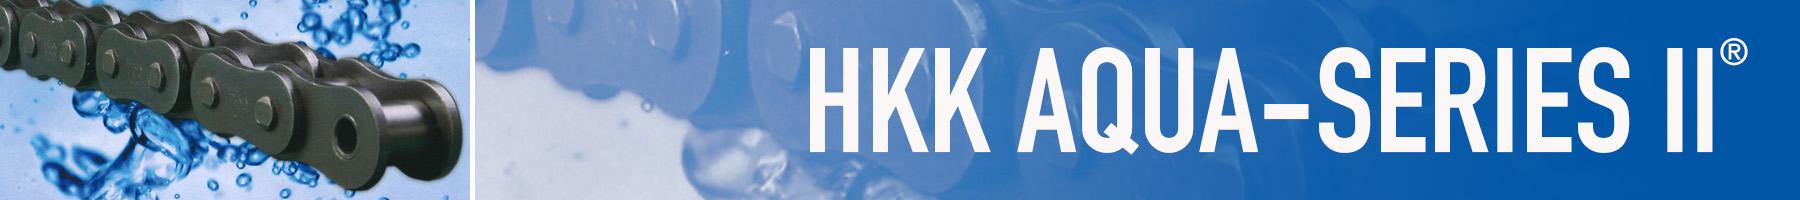 HKK AQUA-SERIES II-Blue 1800x200px